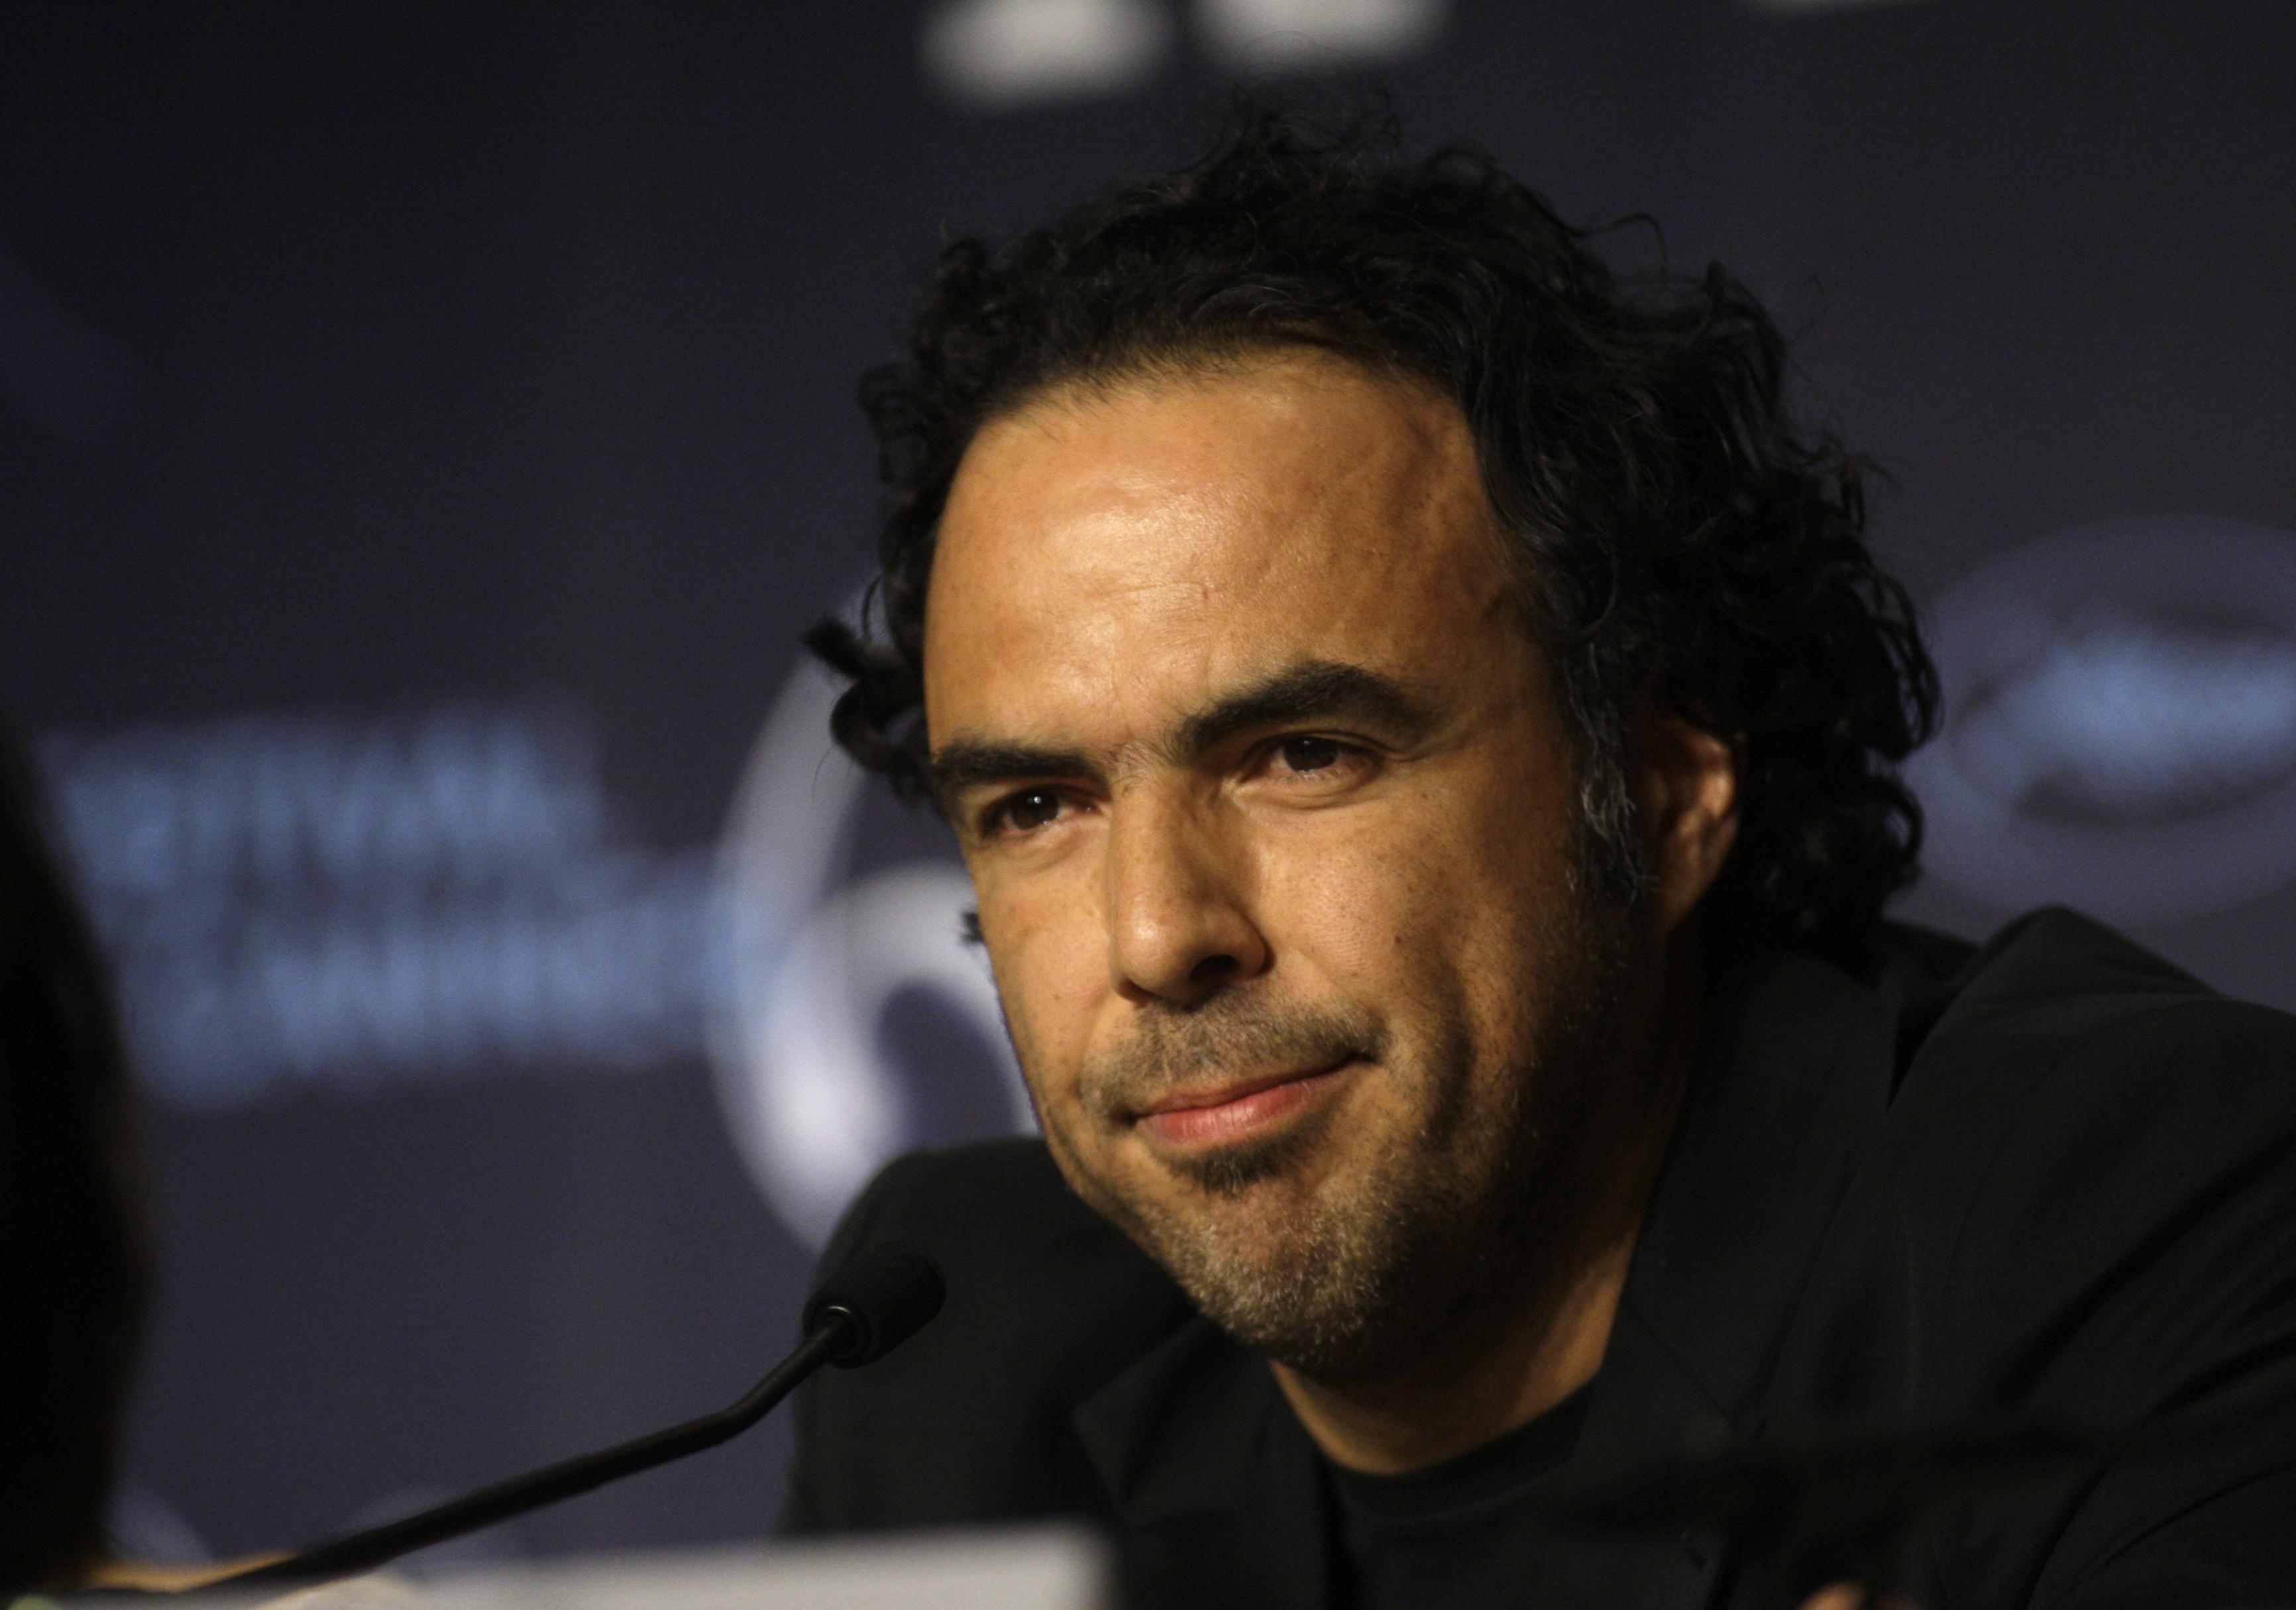 Alejandro Gonzalez Inarritu. (AP Photo/Joel Ryan)